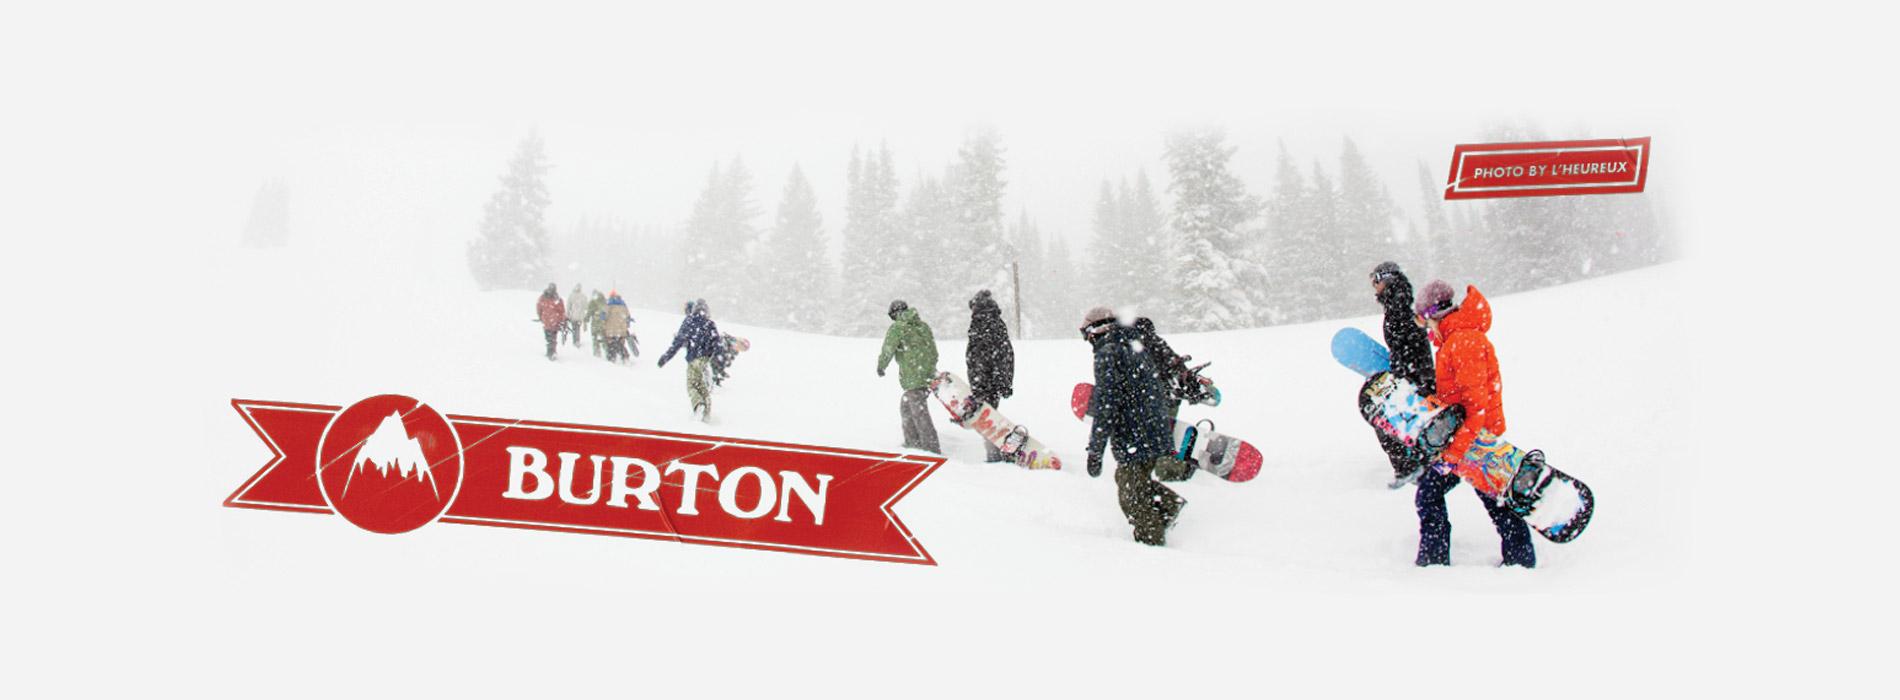 noleggio_sci_snowboard_cortina_d_ampezzo_laboratorio-008